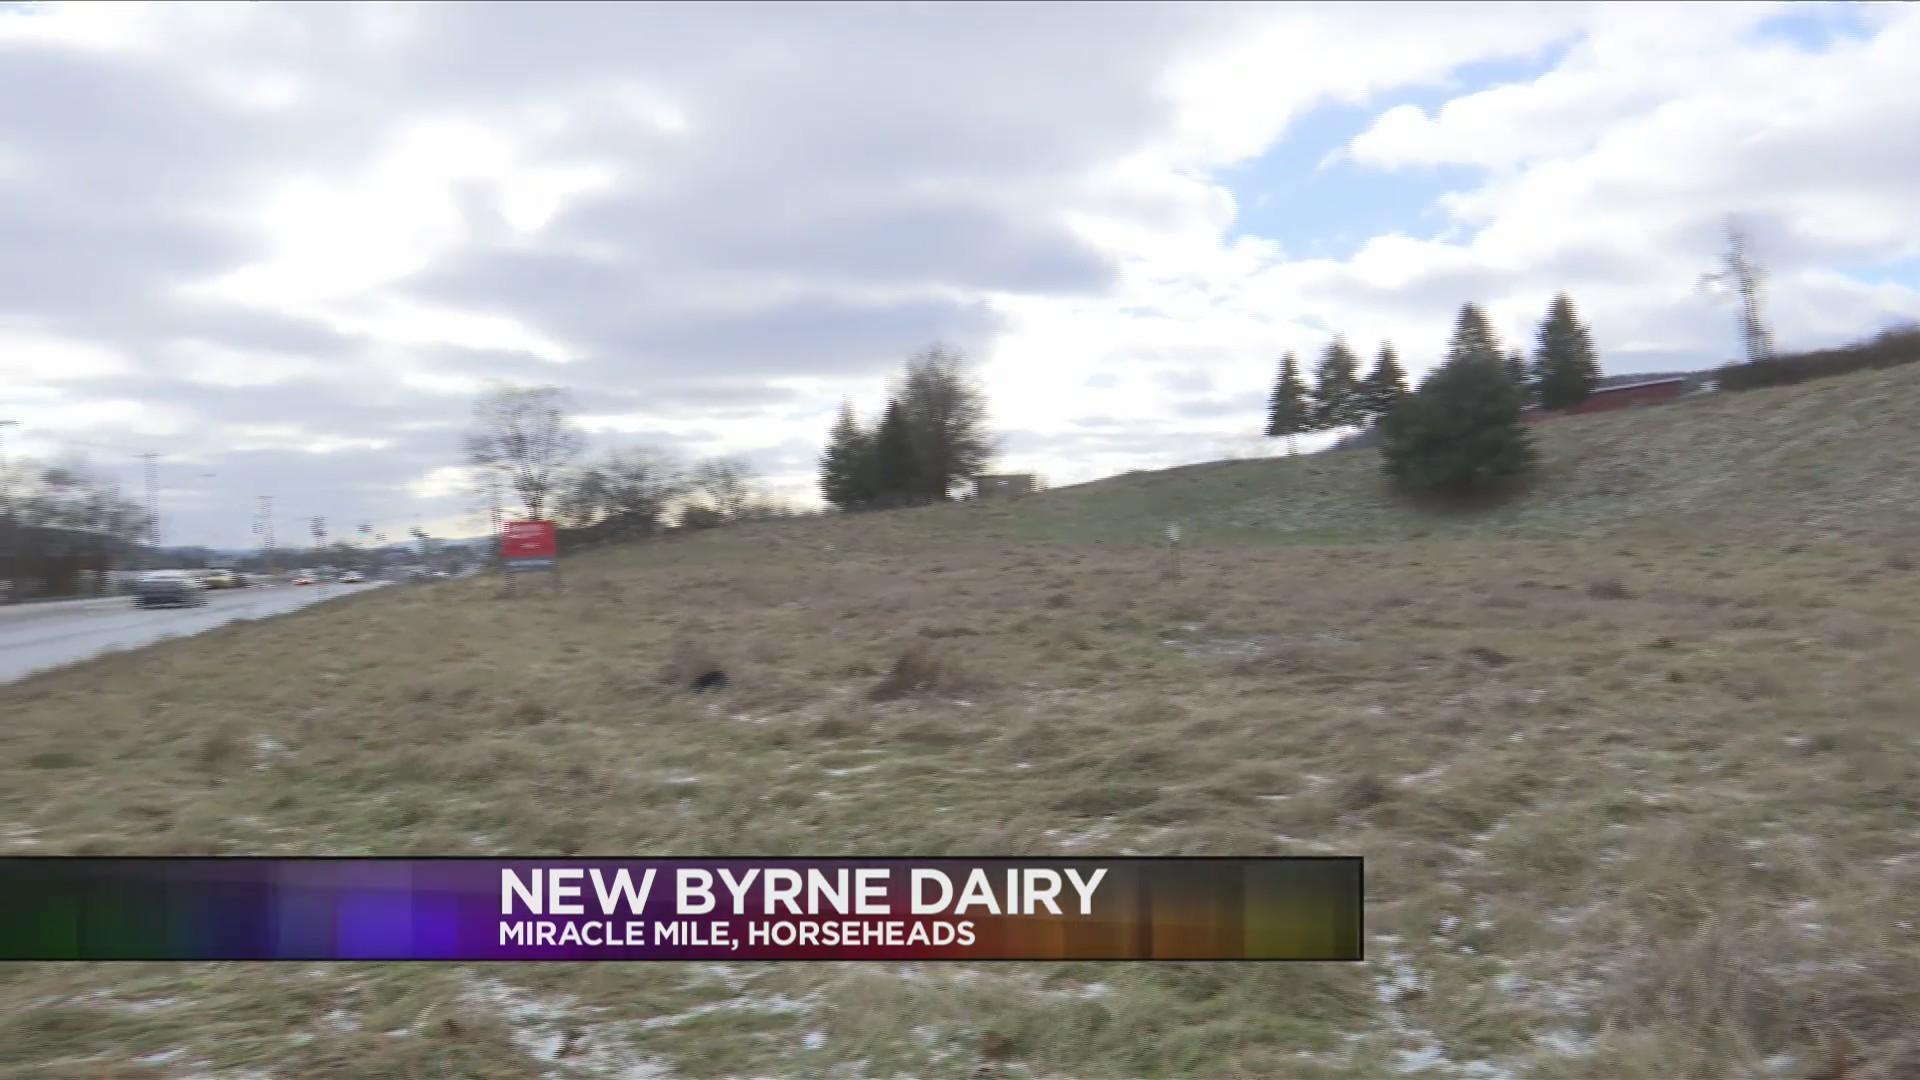 New Byrne Dairy